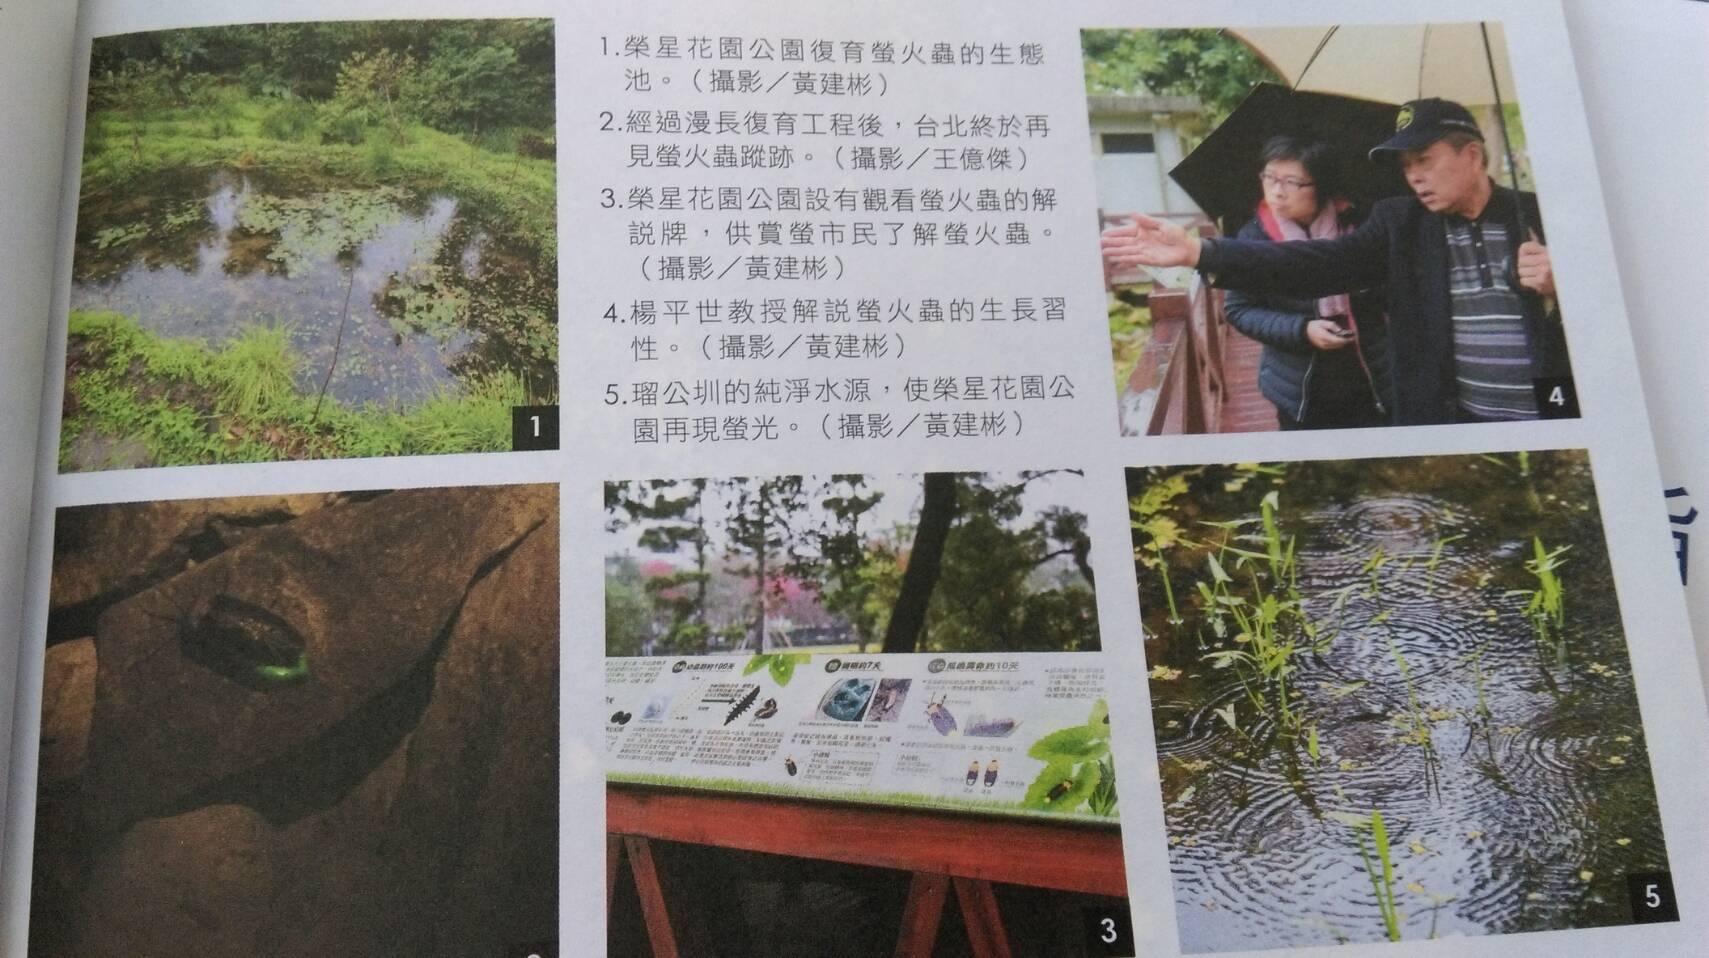 榮星花園公園再加碼推出520、521日週末夜間1900的生態池解說導覽